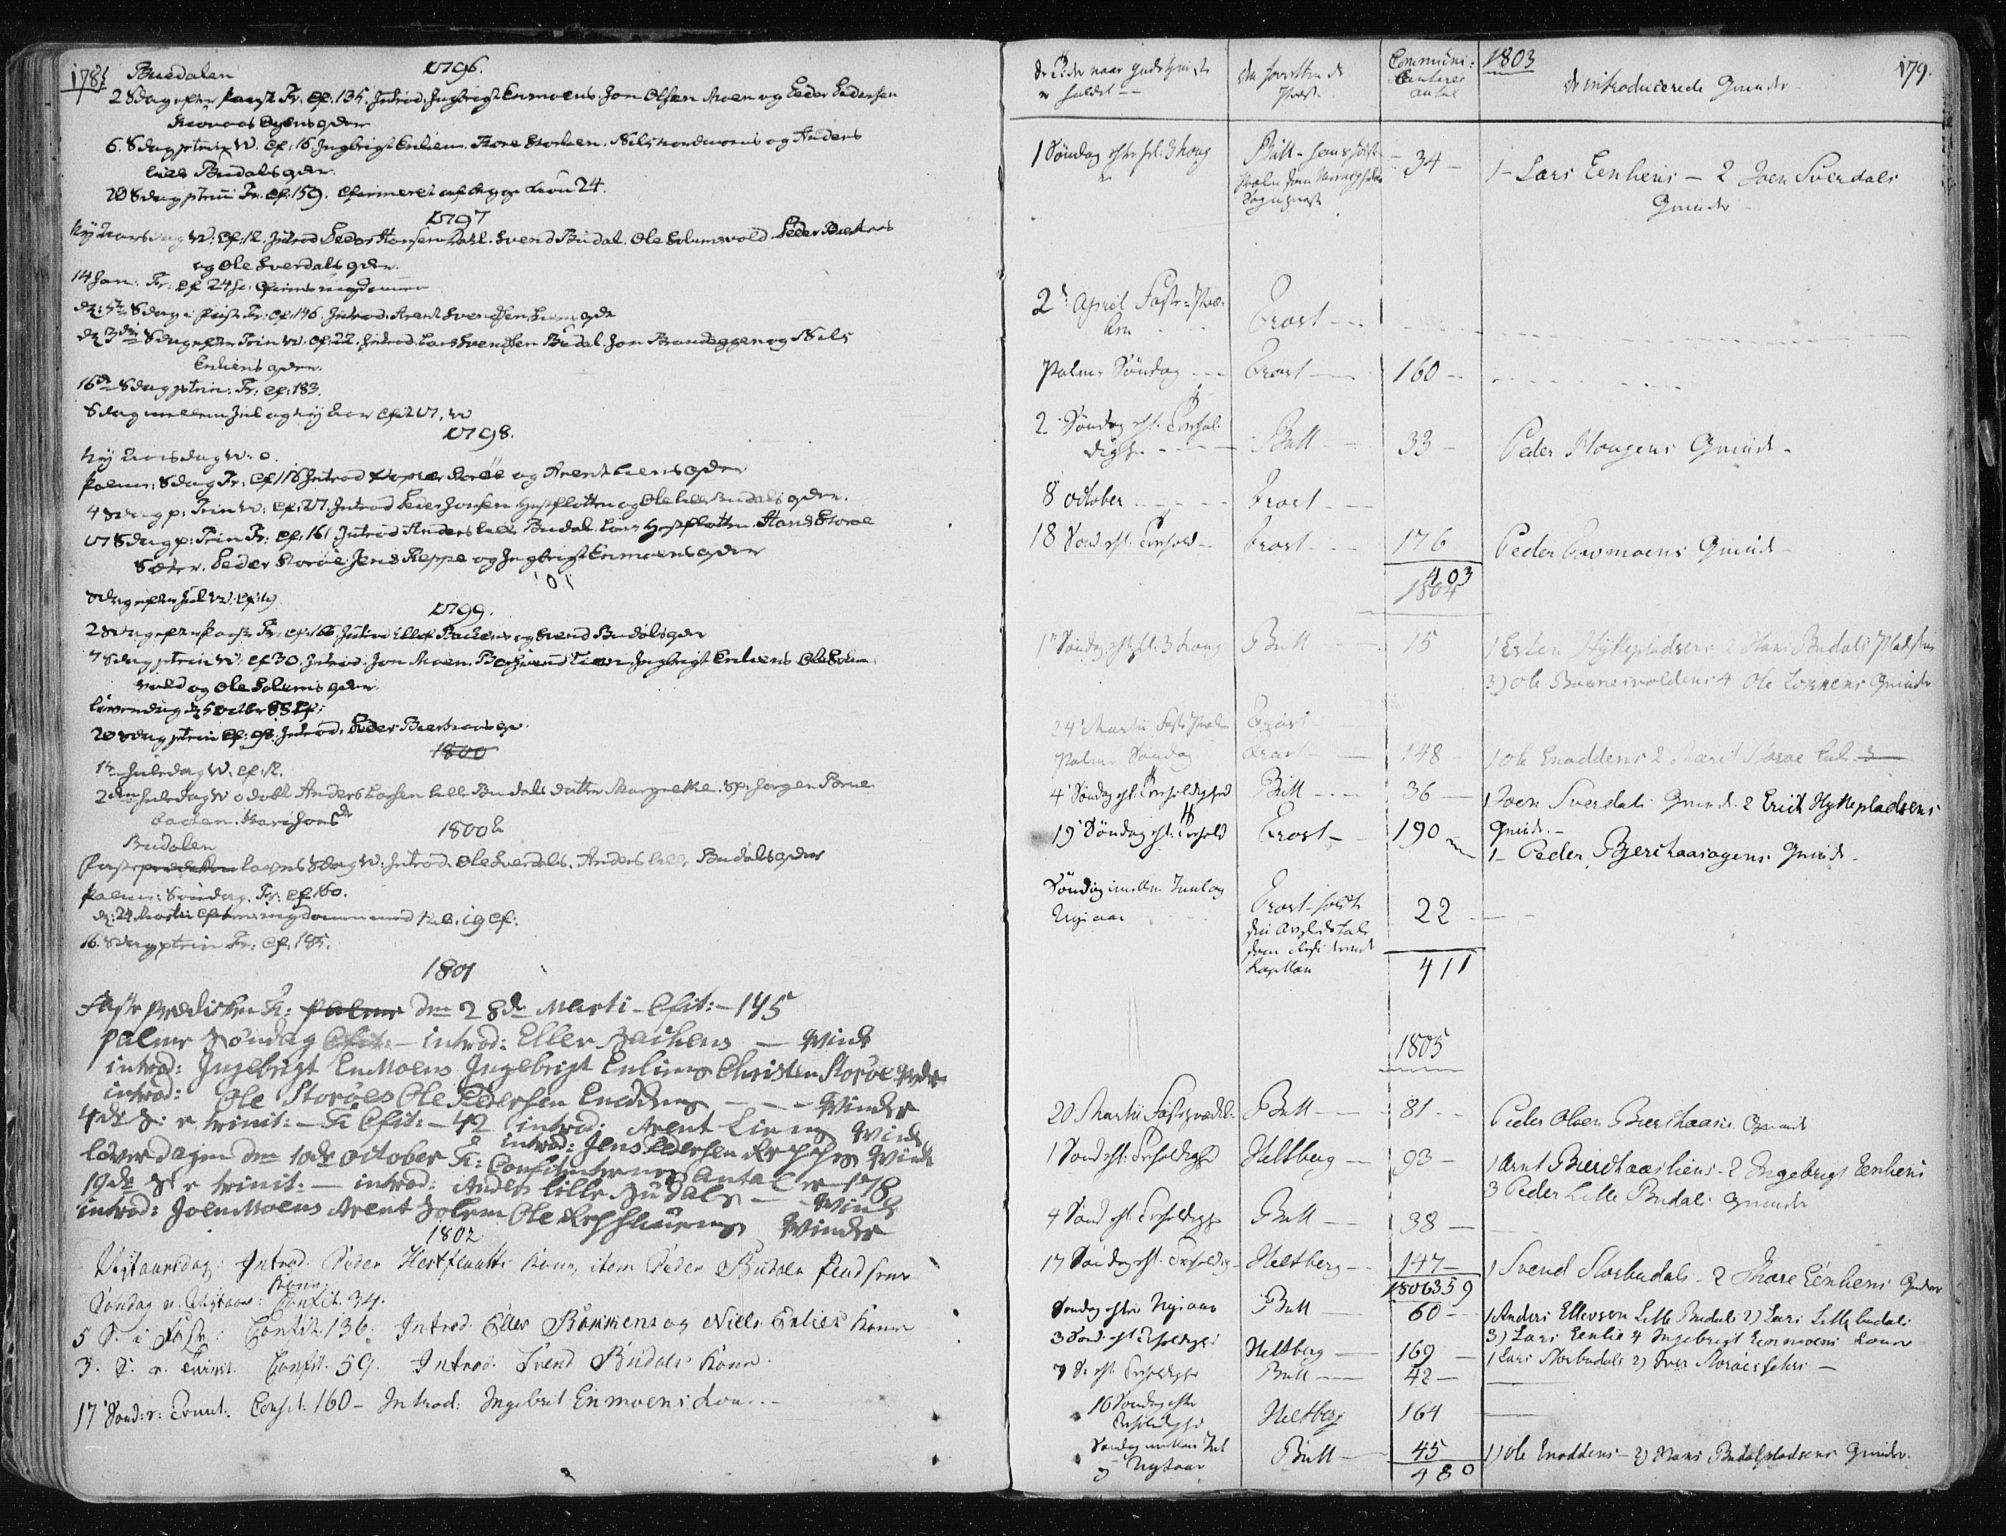 SAT, Ministerialprotokoller, klokkerbøker og fødselsregistre - Sør-Trøndelag, 687/L0995: Ministerialbok nr. 687A03 /4, 1788-1815, s. 178-179